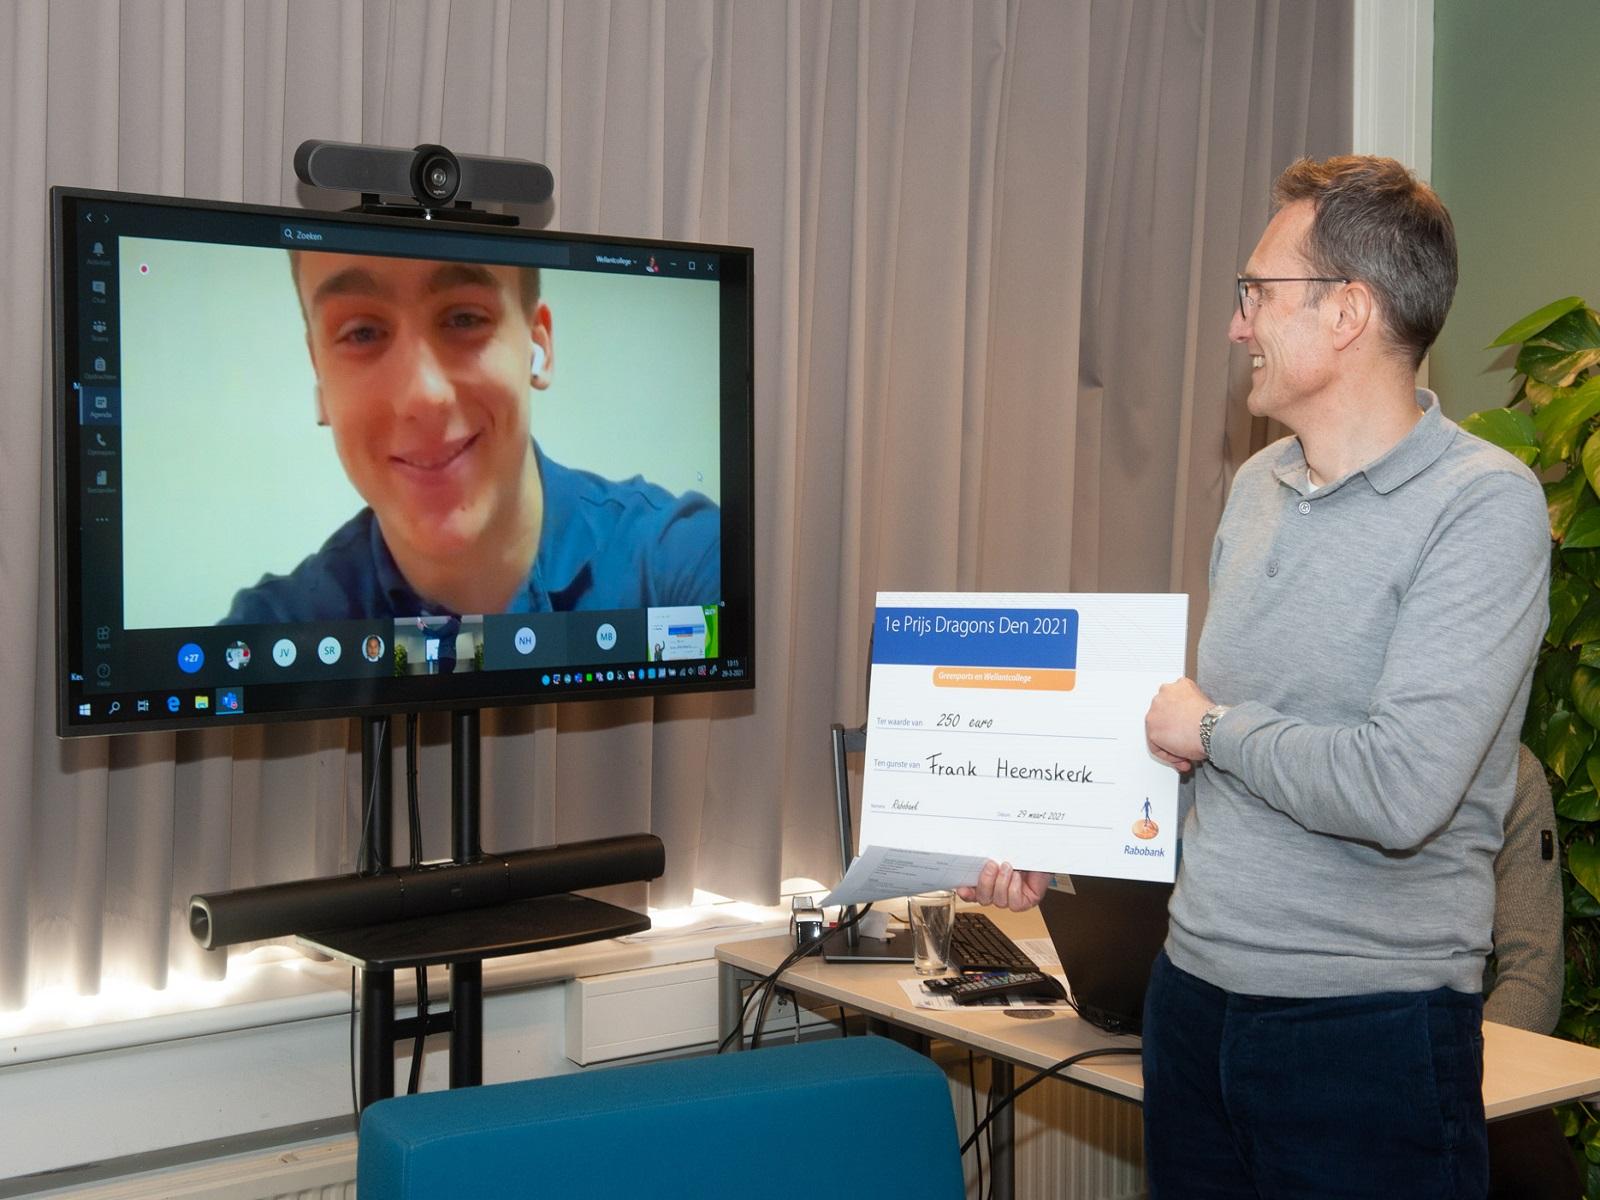 Rene-Gomersbach-eerste-prijswinnaar-derdejaars-Frank-Heemskerk